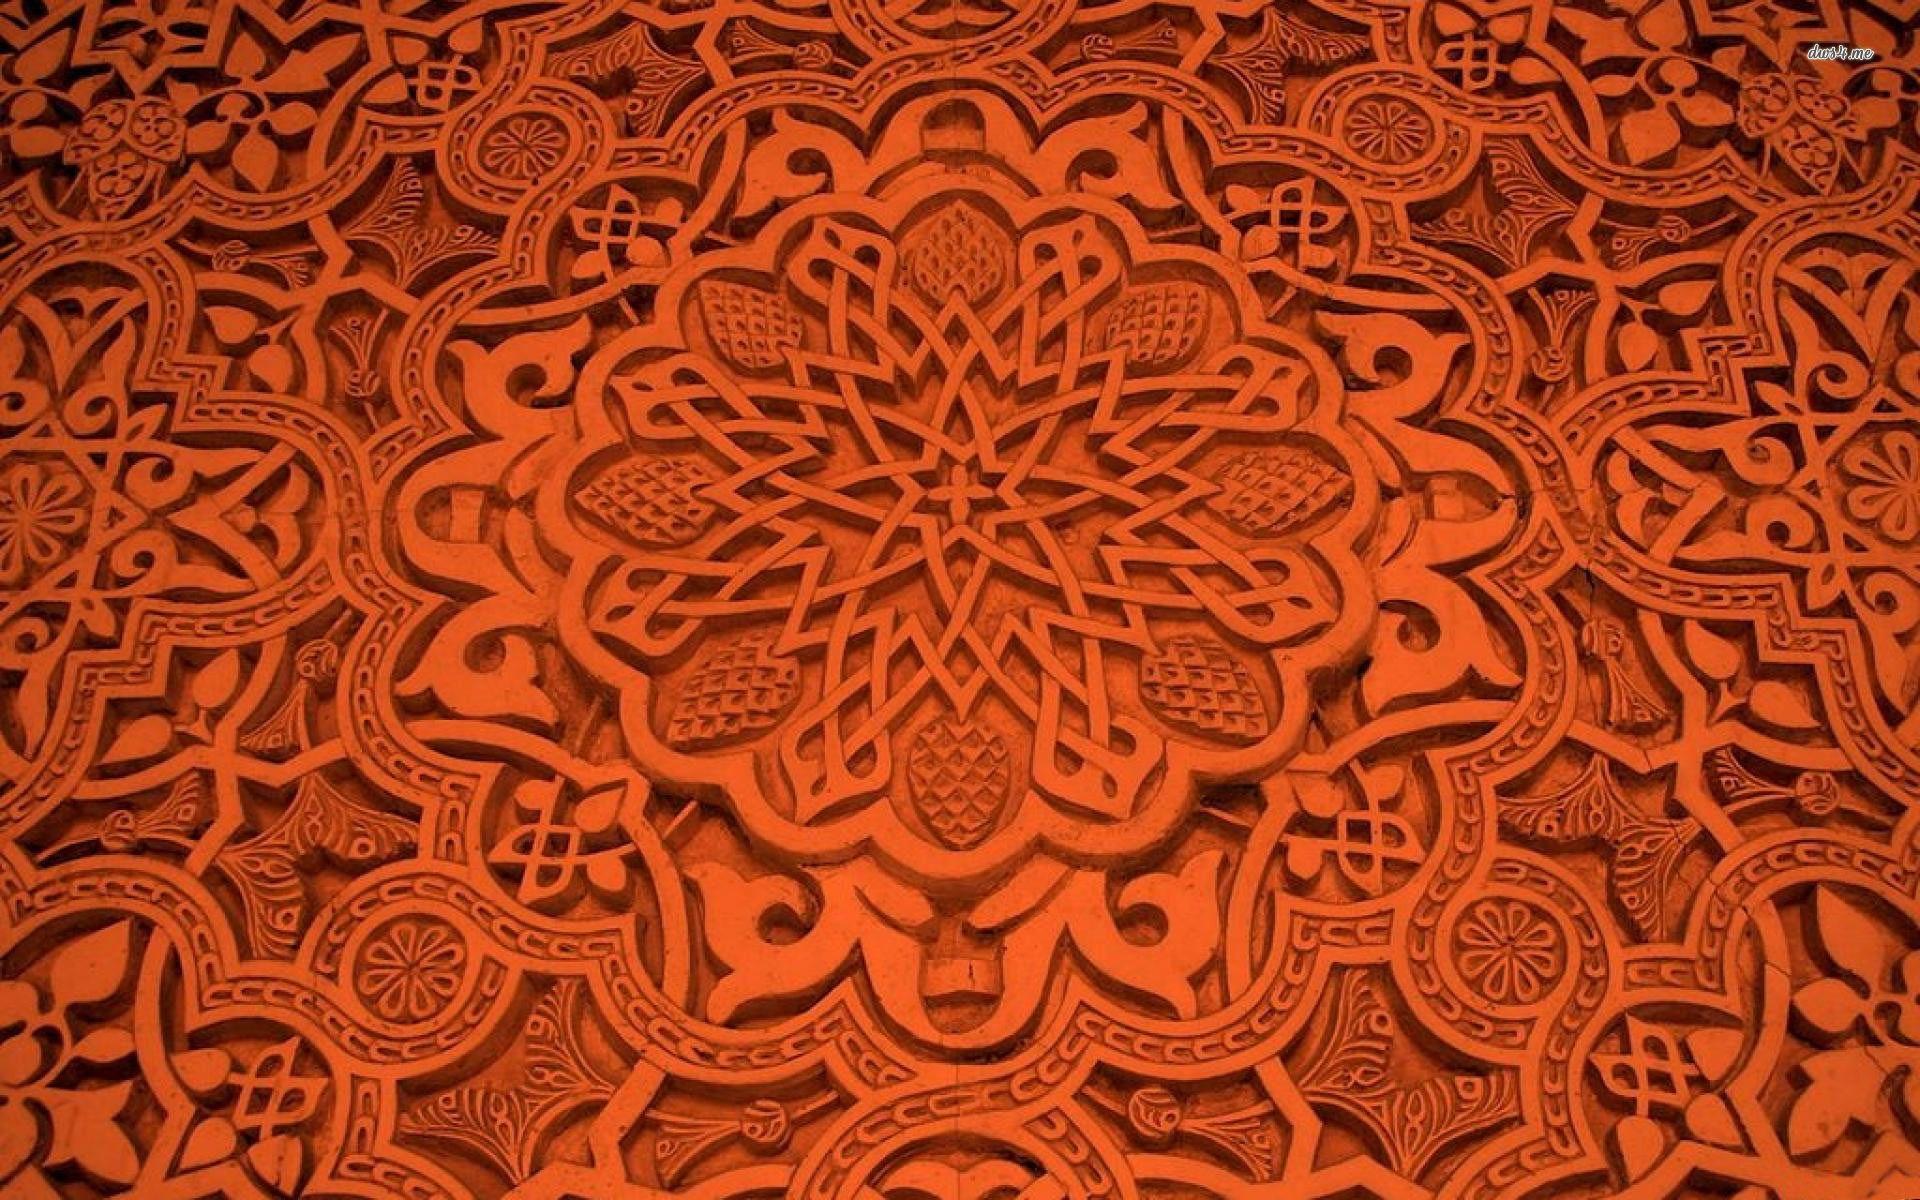 Unduh 40 Koleksi Background Islami Orange Gratis